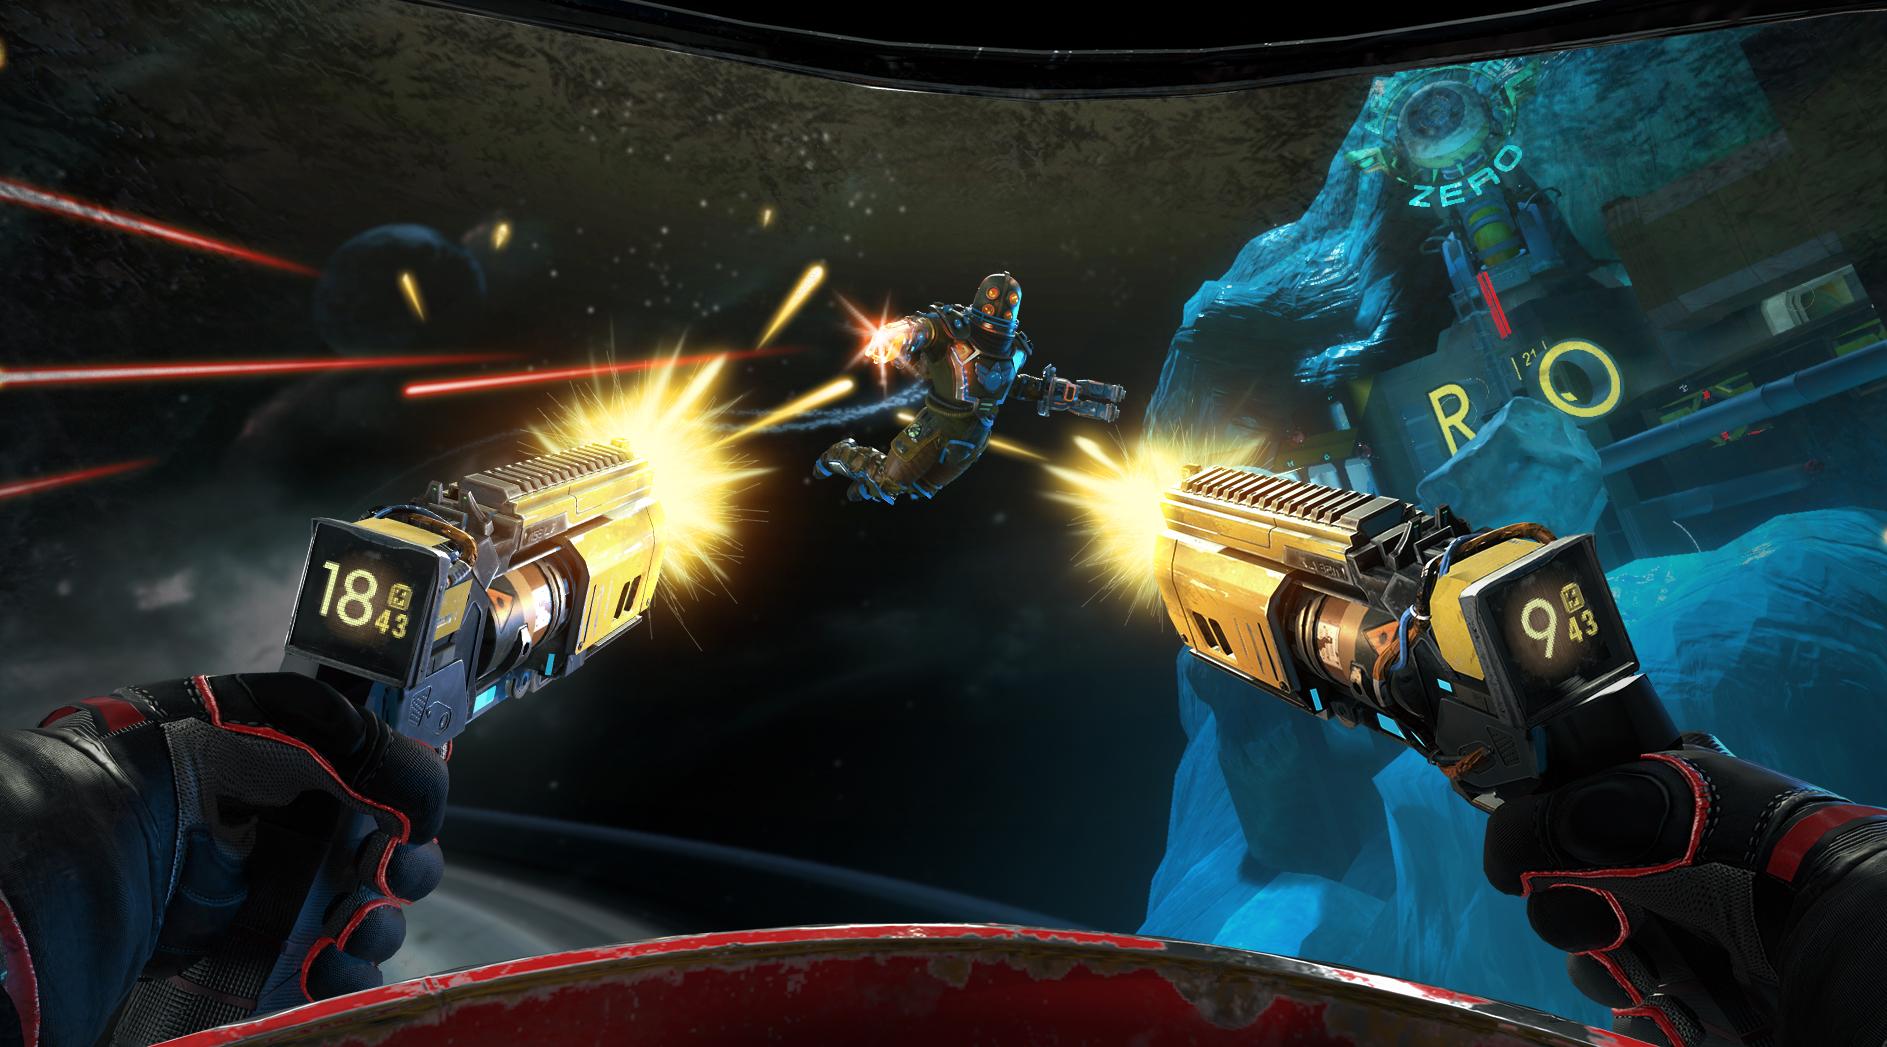 Laser Shooter im Weltraum